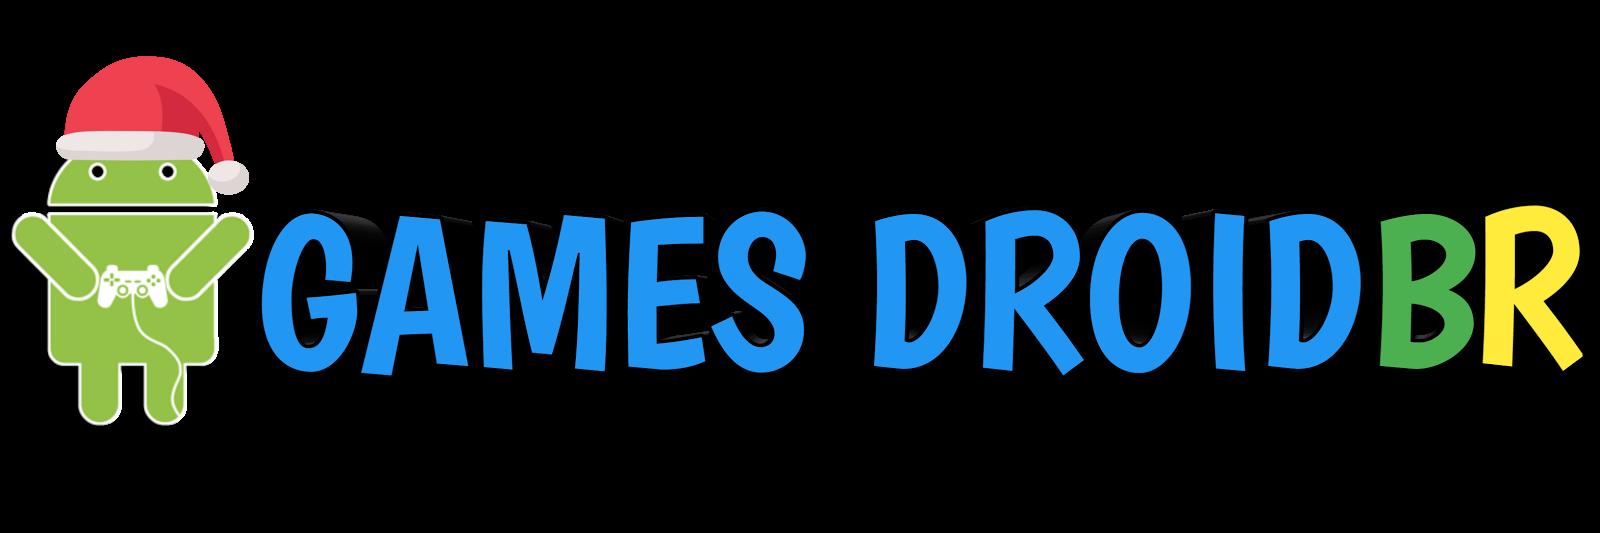 Games DroidBR | Jogos Mods E Apps Premium